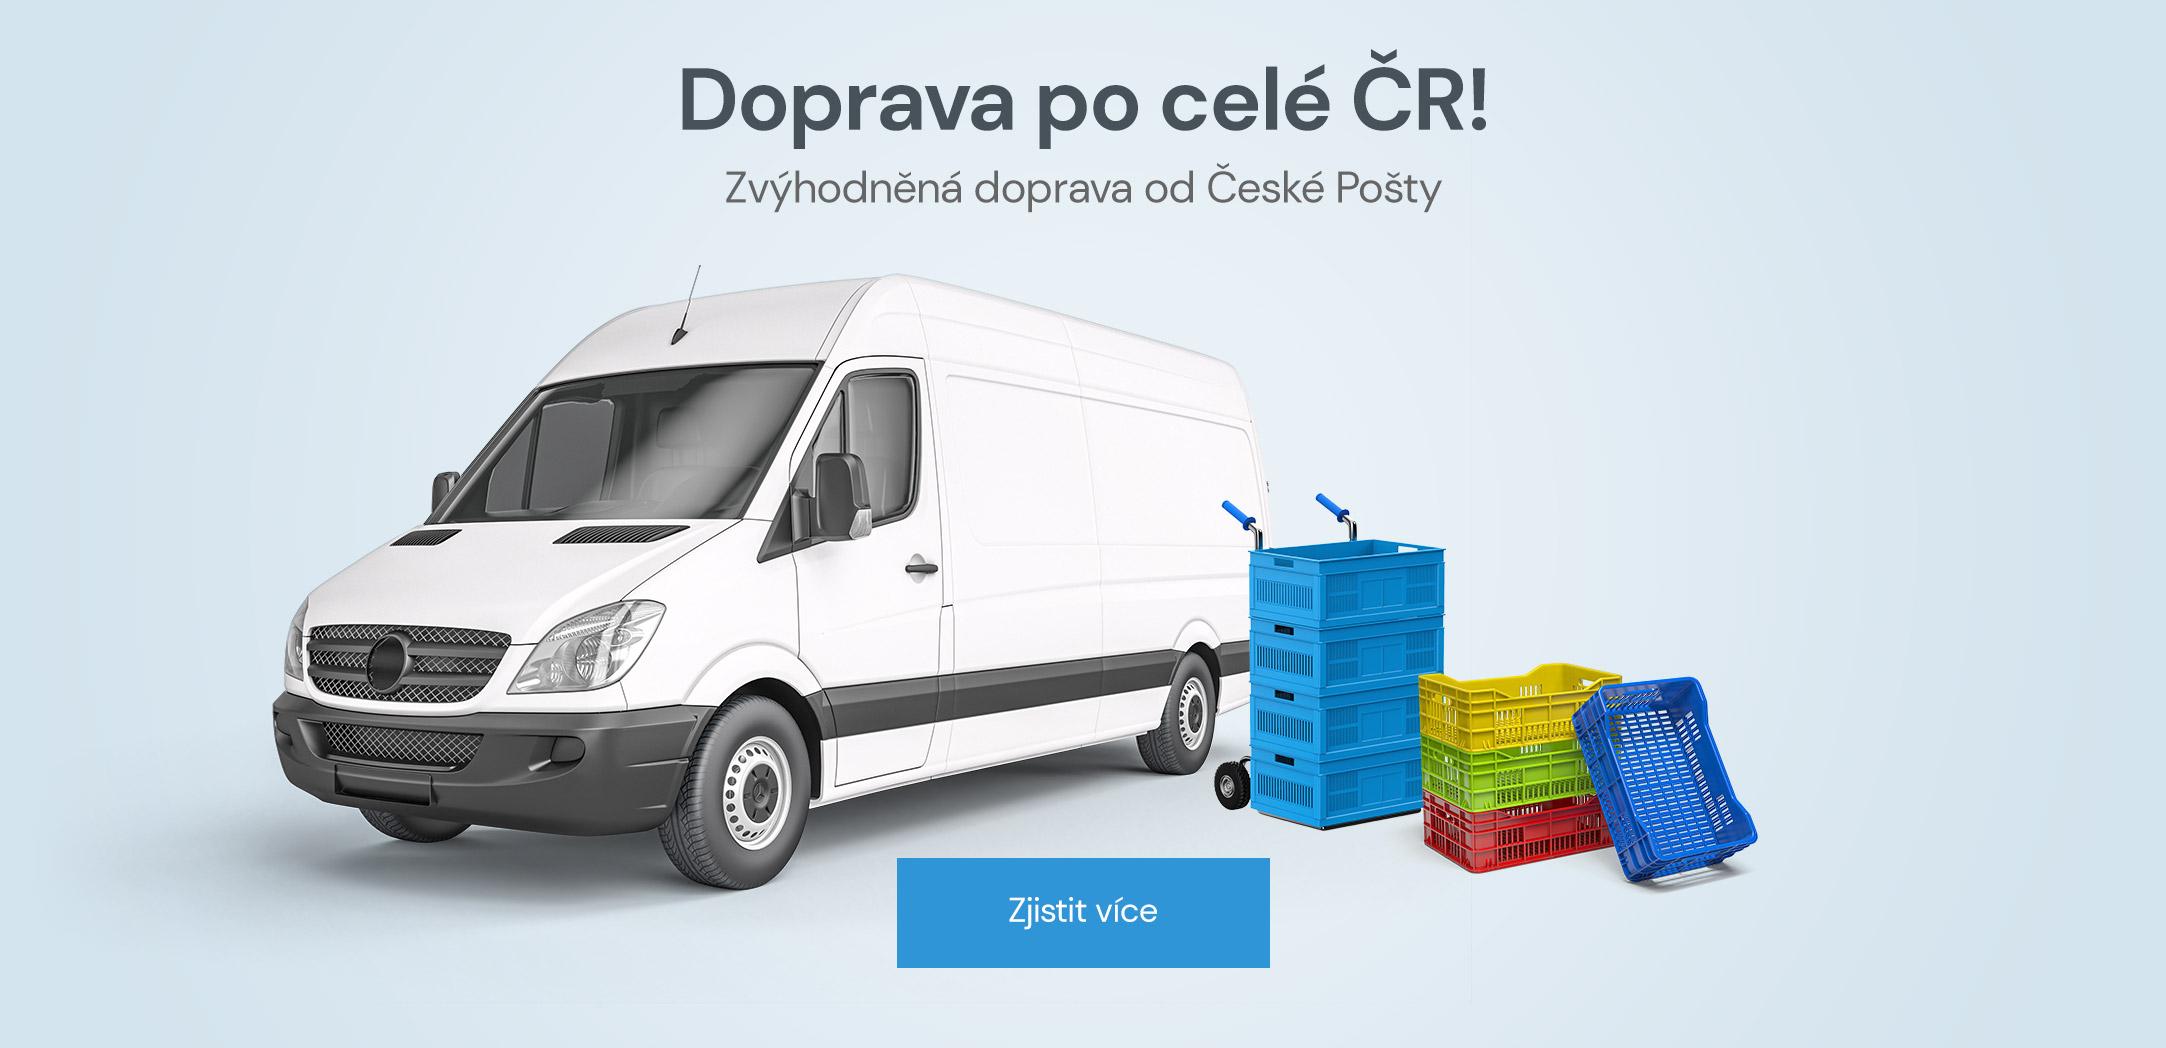 Doprava po celé ČR